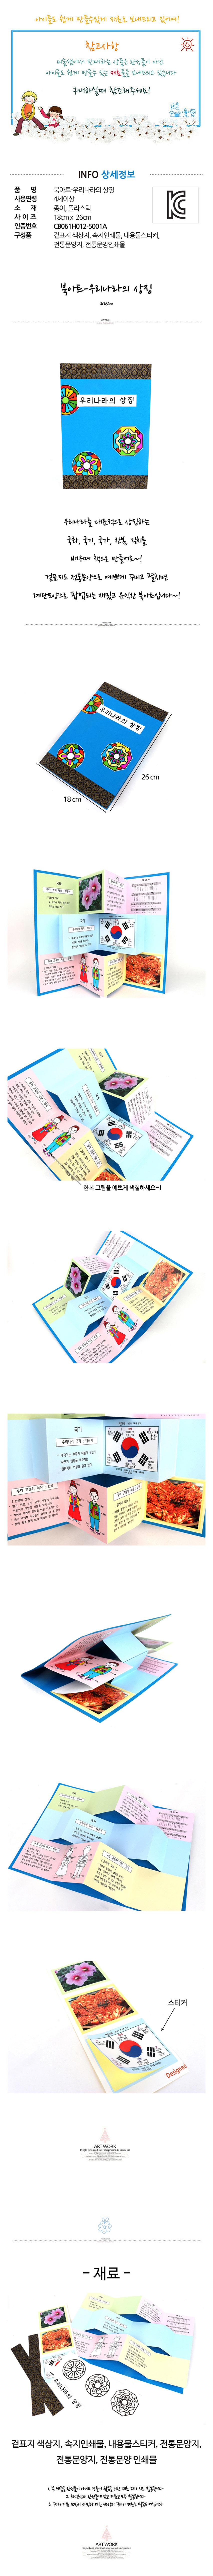 북아트-우리나라의 상징 5인용 - 미술샘, 10,000원, 종이공예/북아트, 북아트 패키지